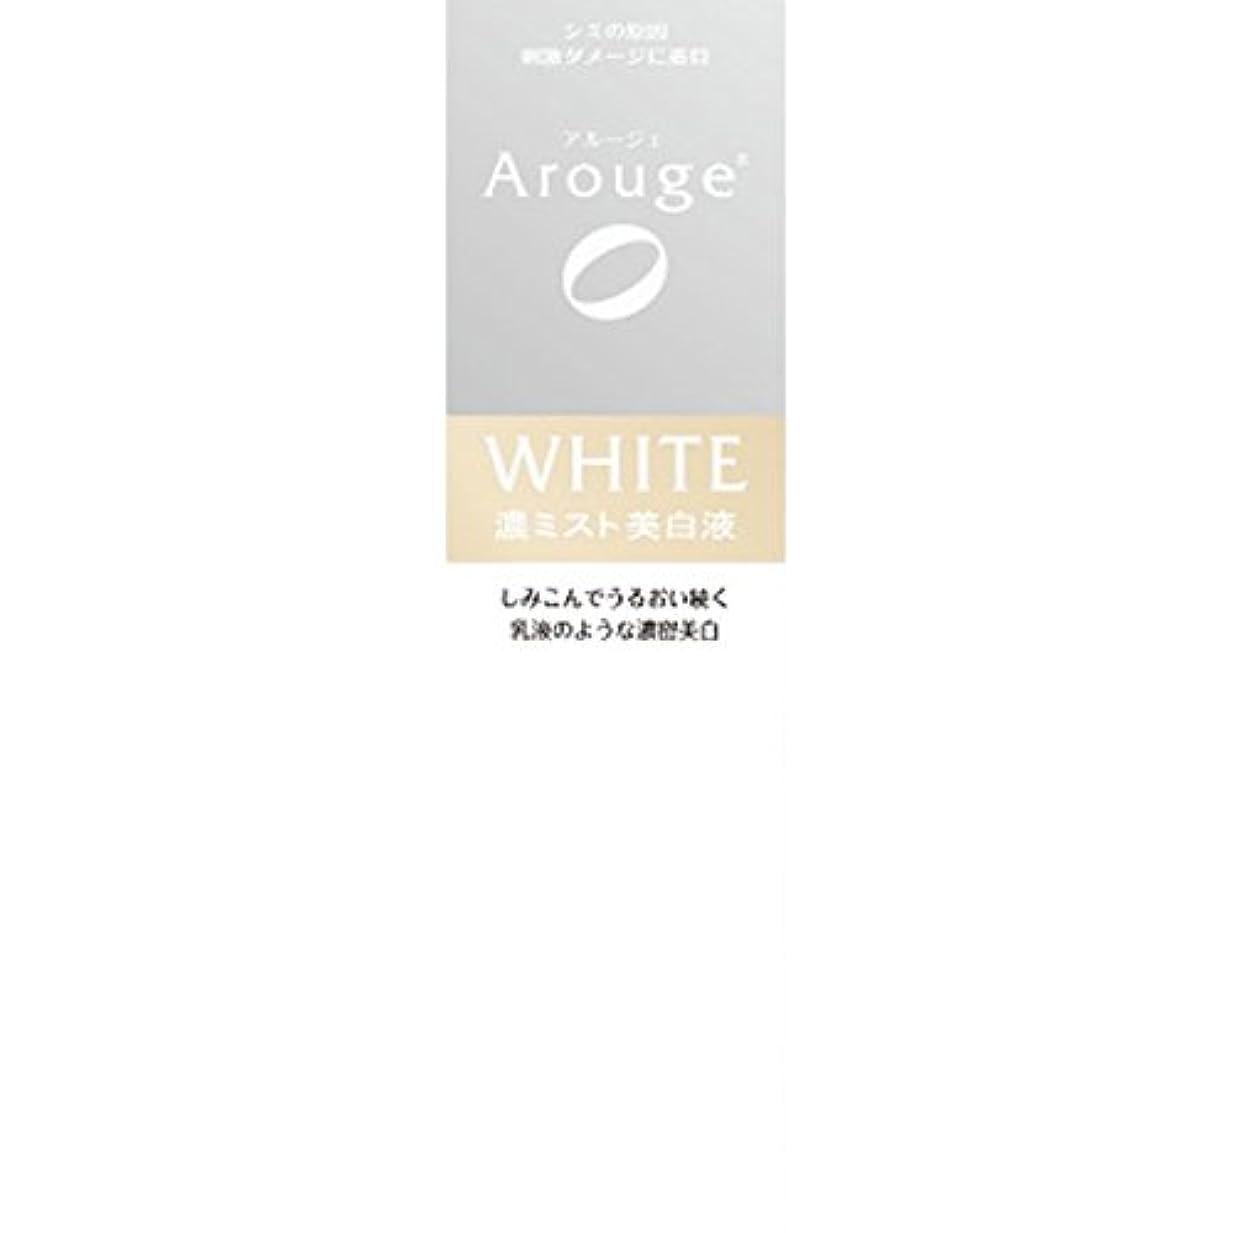 忘れっぽいファウル正確な【医薬部外品】アルージェホワイトニングミストセラム 100ML【2個セット】